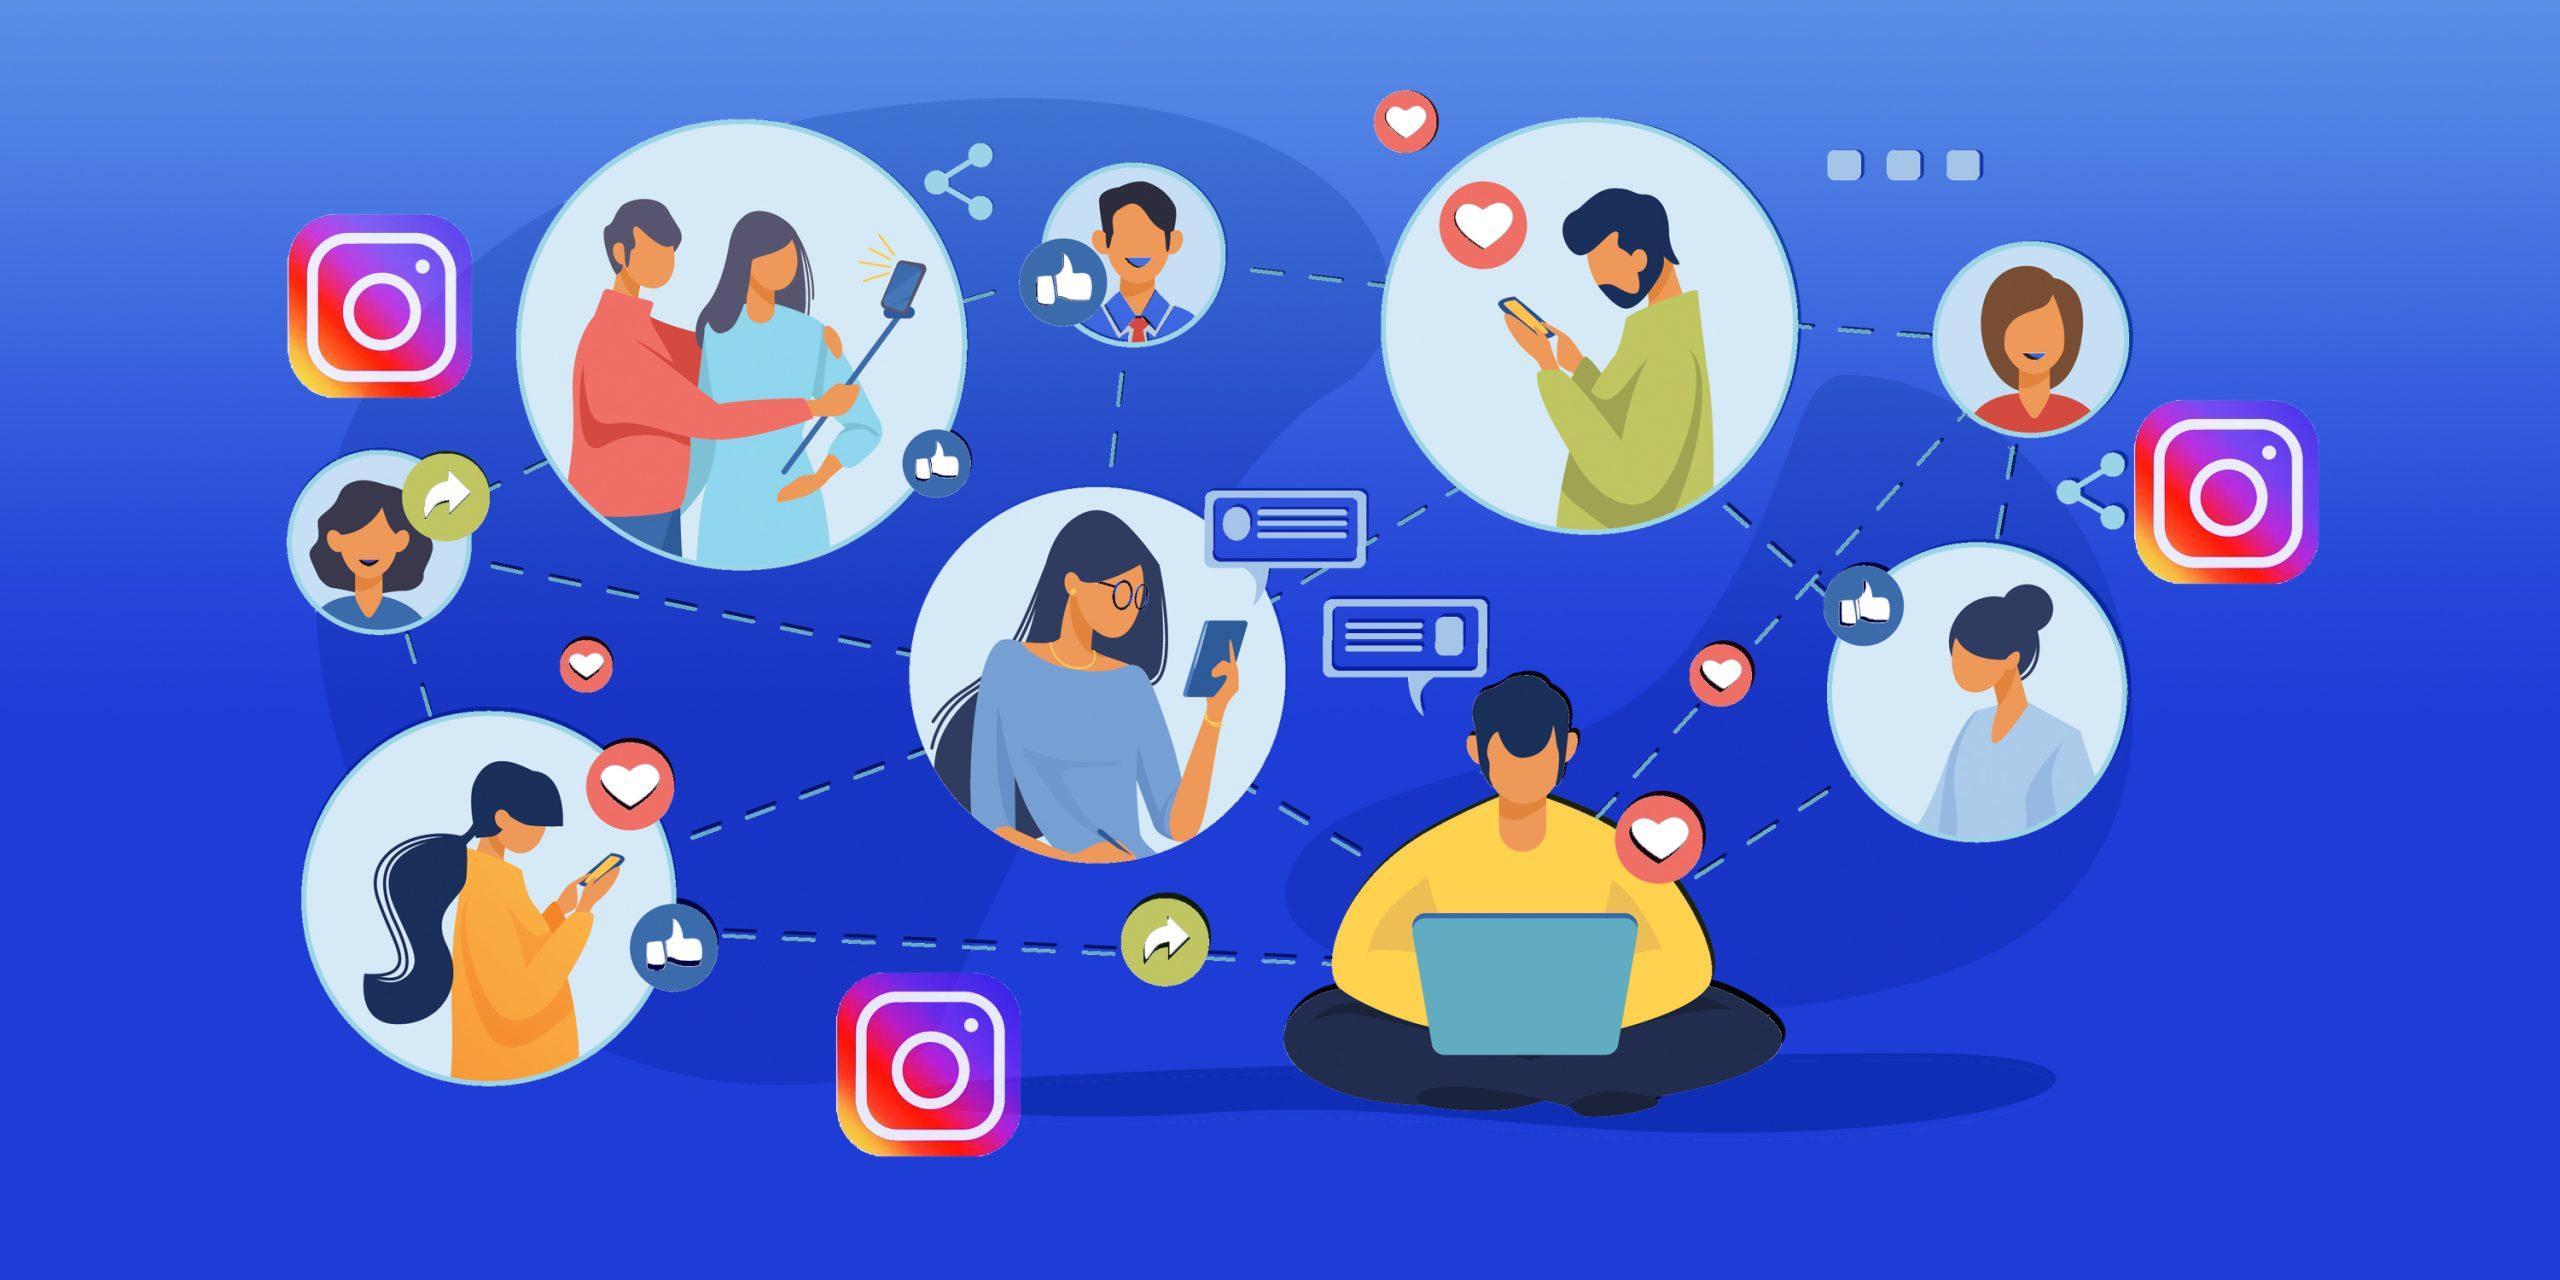 {:en}How to Get More Instagram Followers and Get Noticed on Instagram{:}{:ru}Как набрать подписчиков в Инстаграм и привлечь внимание аудитории к аккаунту{:}